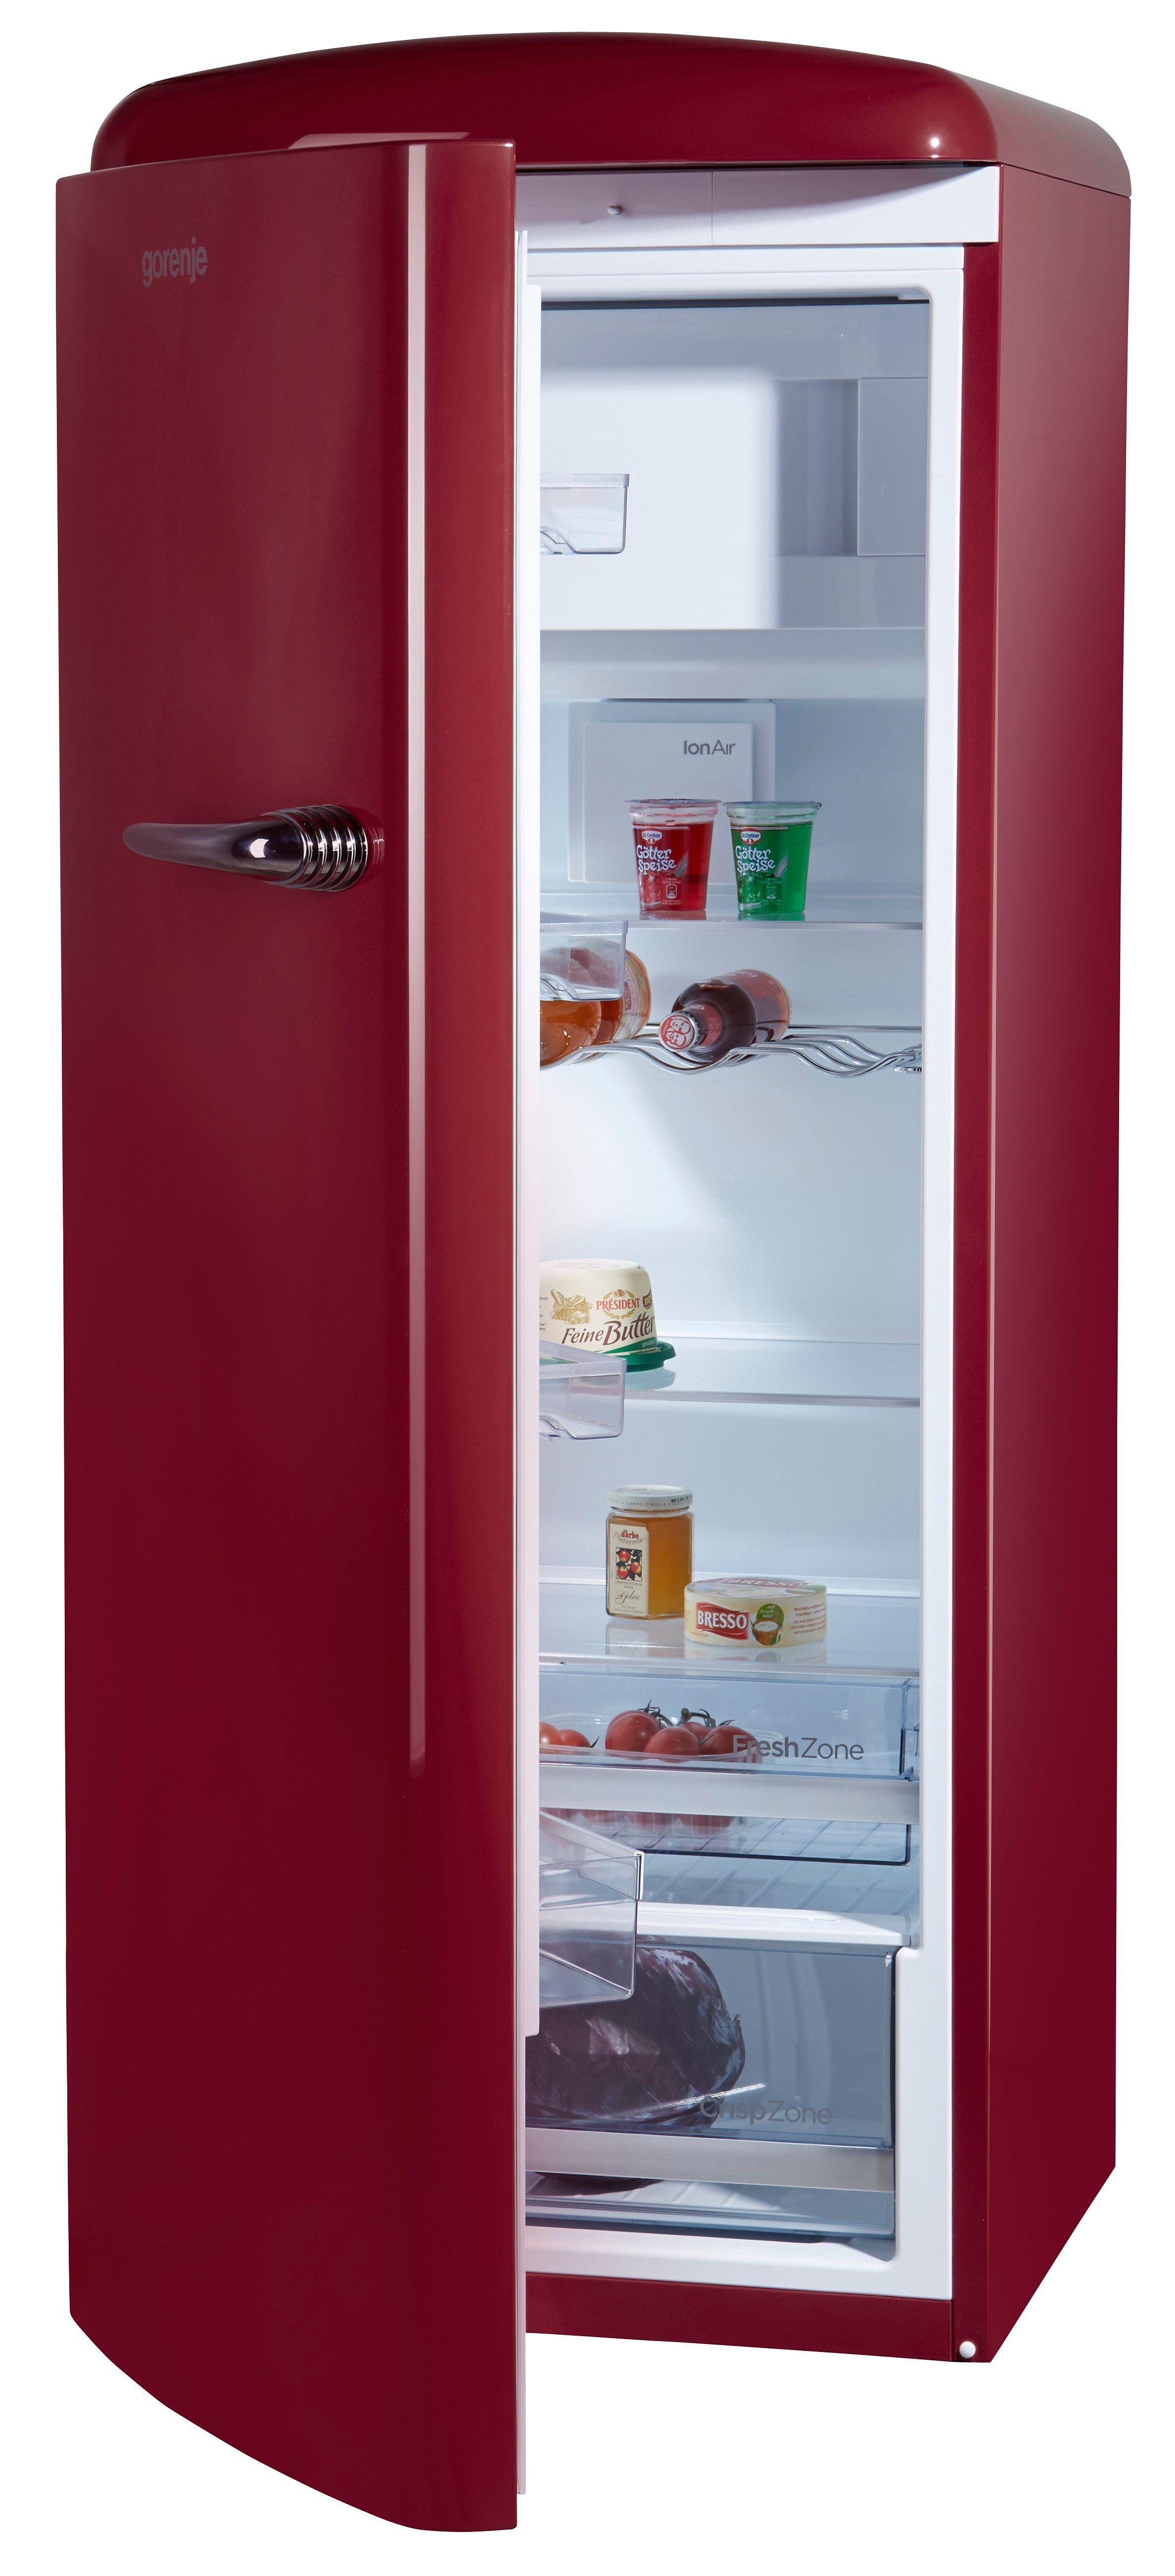 Gorenje Kühlschrank ORB 153 R-L, 154 cm hoch, 60 cm breit, 154 cm hoch, 60 cm breit, burgundy, Energieeffizienzklasse A+++